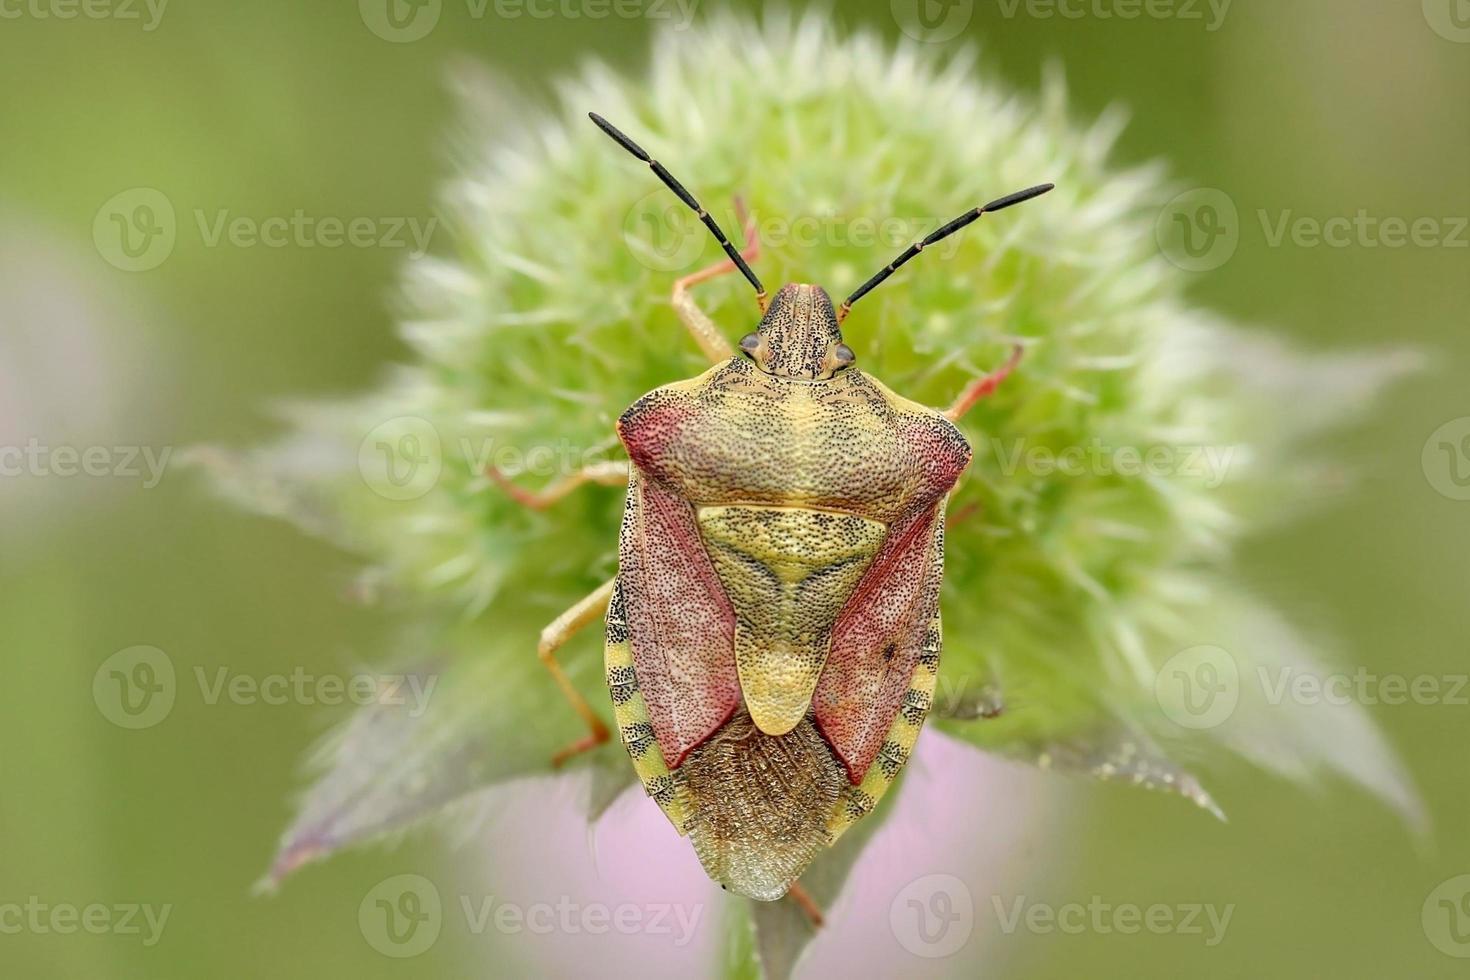 Close-up of bedbug photo